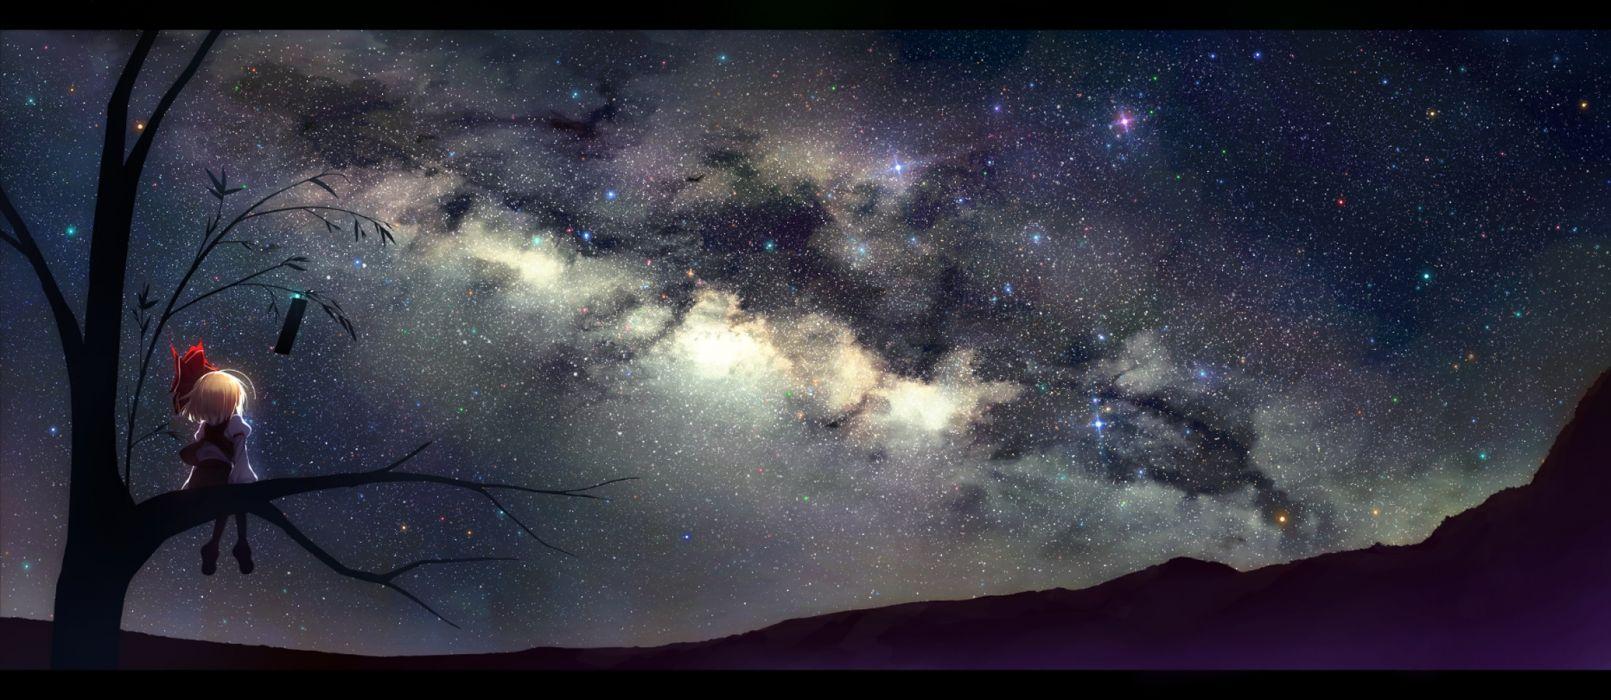 anime girl sky stars wallpaper